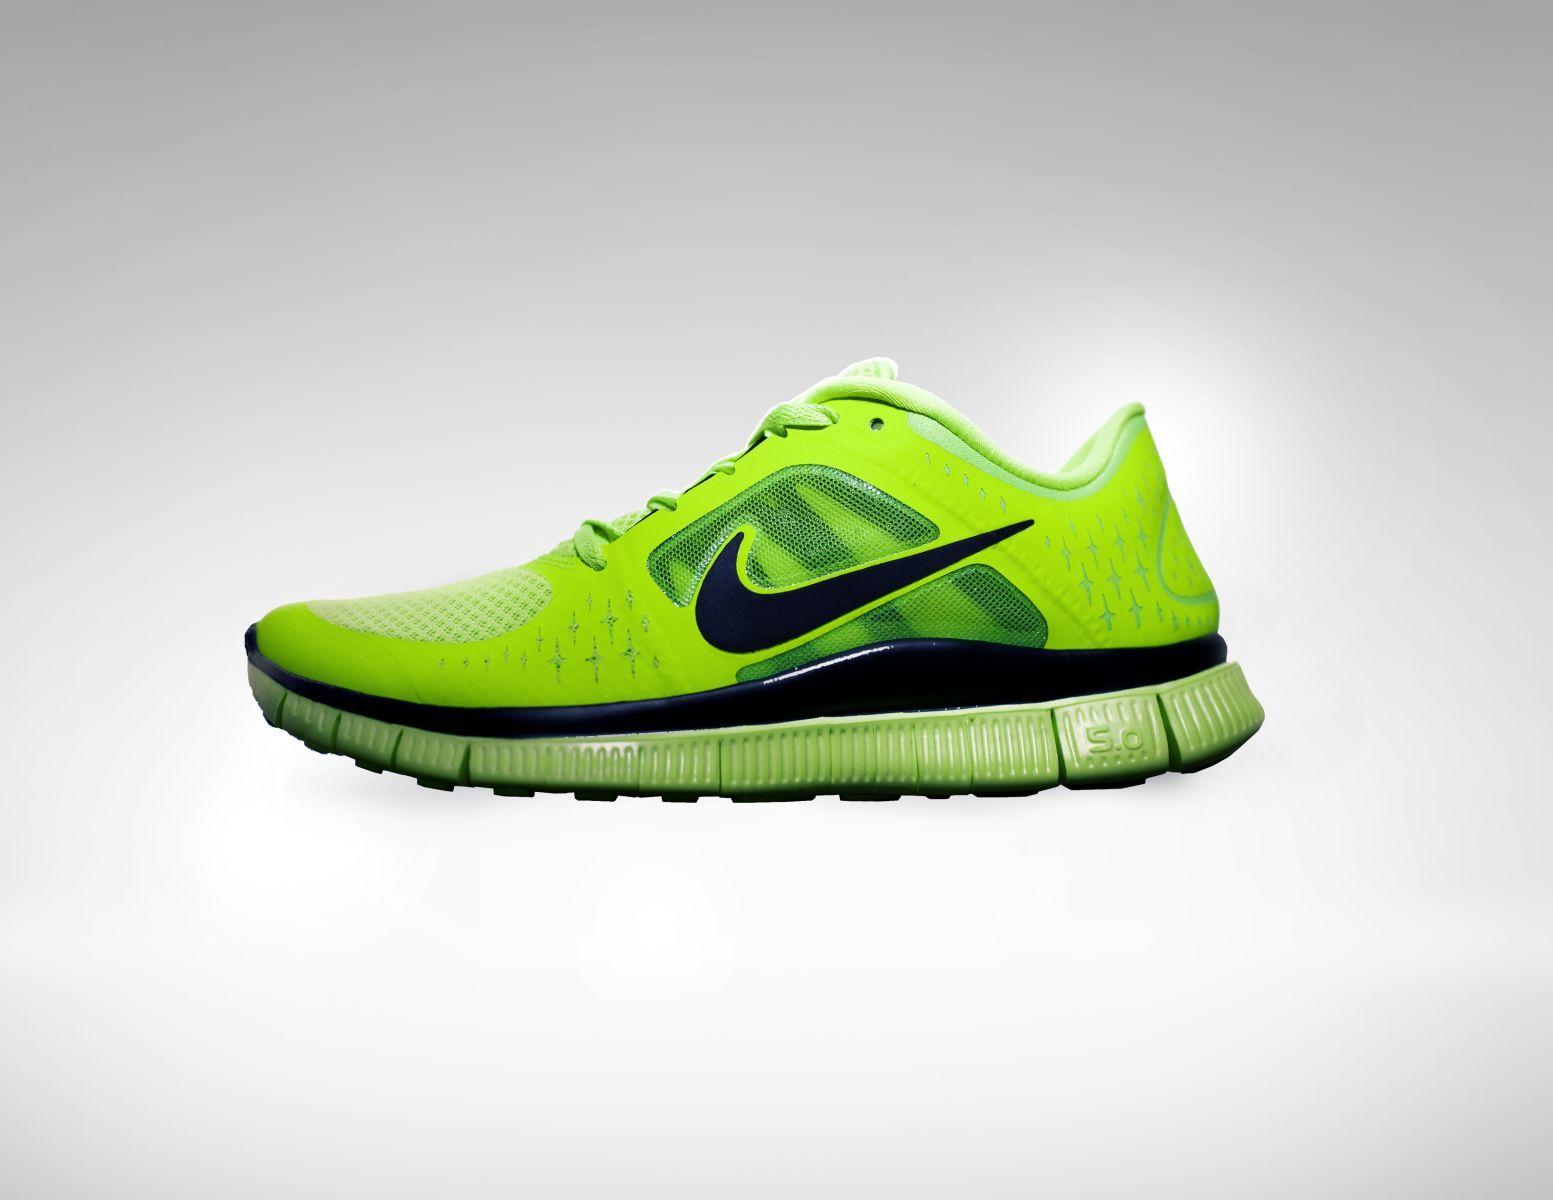 Nike Free Run iD – Green/Green – SXSW Exclusive